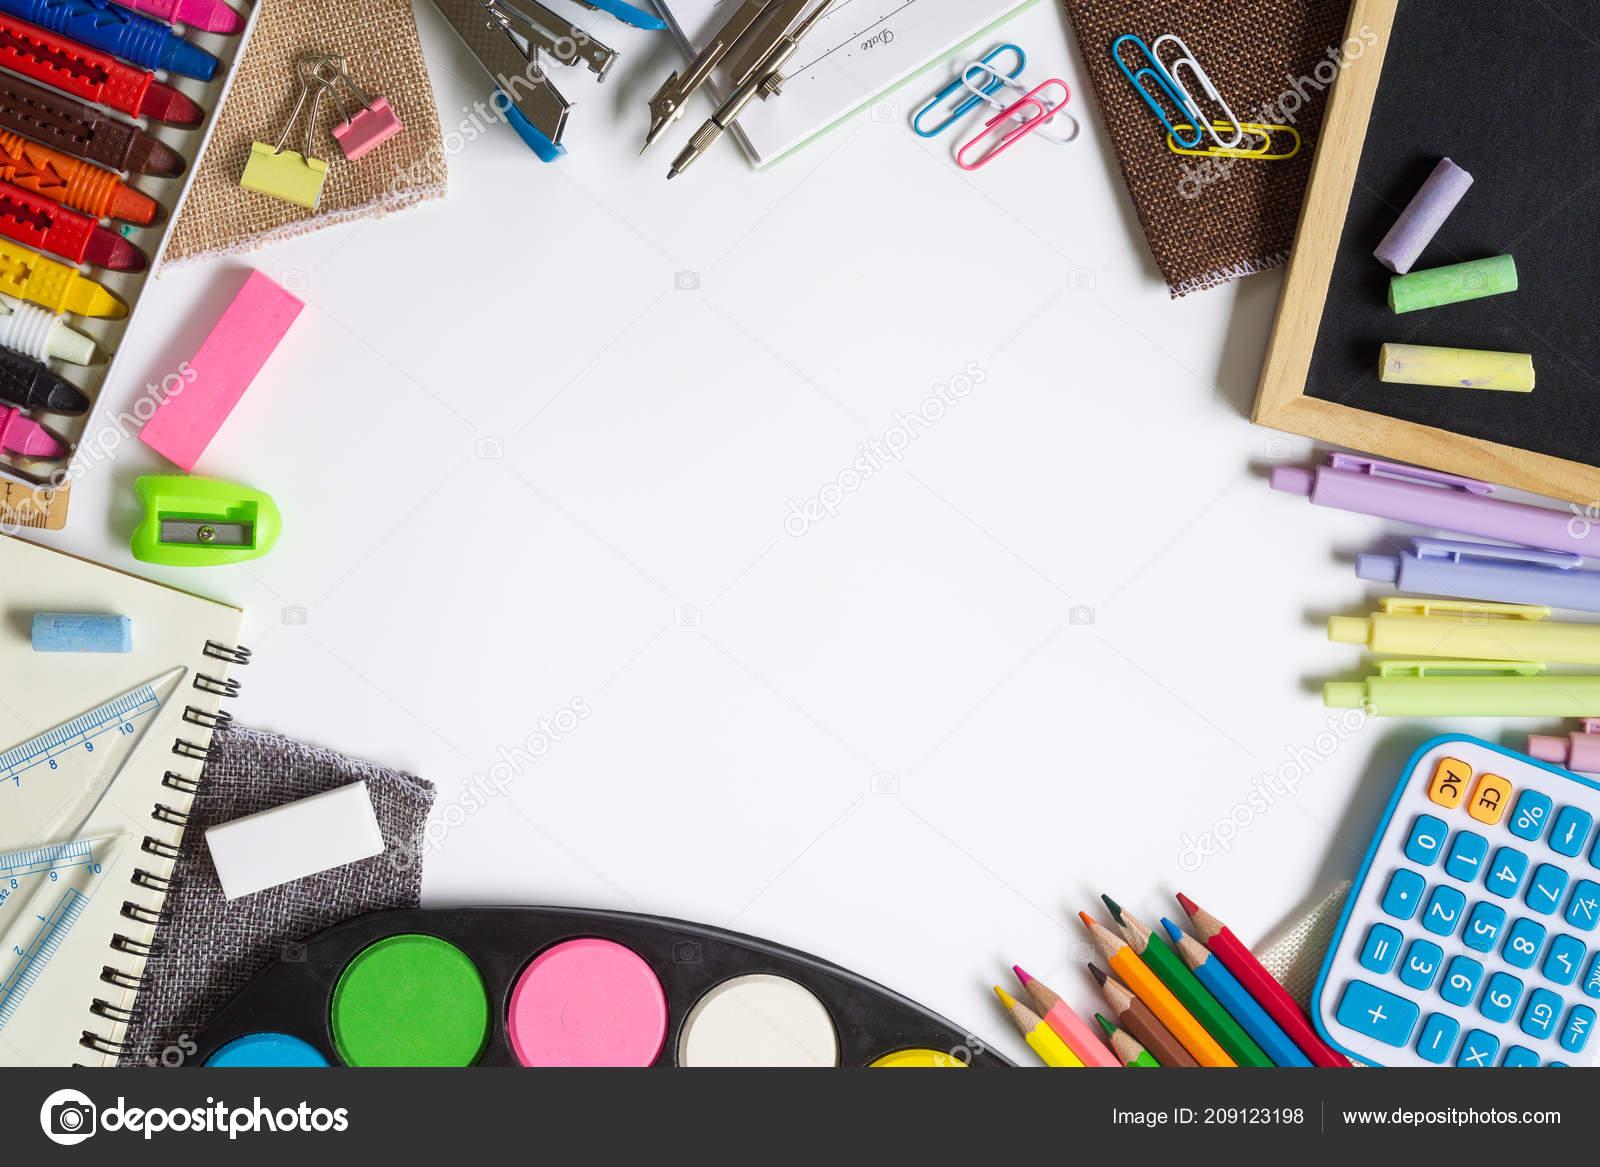 862a36bee12 Πίσω στο σχολείο, γραφείο και εκπαίδευση λειτουργούν φόντο έννοια. Σχολικά  είδη, αξεσουάρ γραφικής ύλης σε άσπρο φόντο. Το Top view με αντίγραφο χώρου  ...